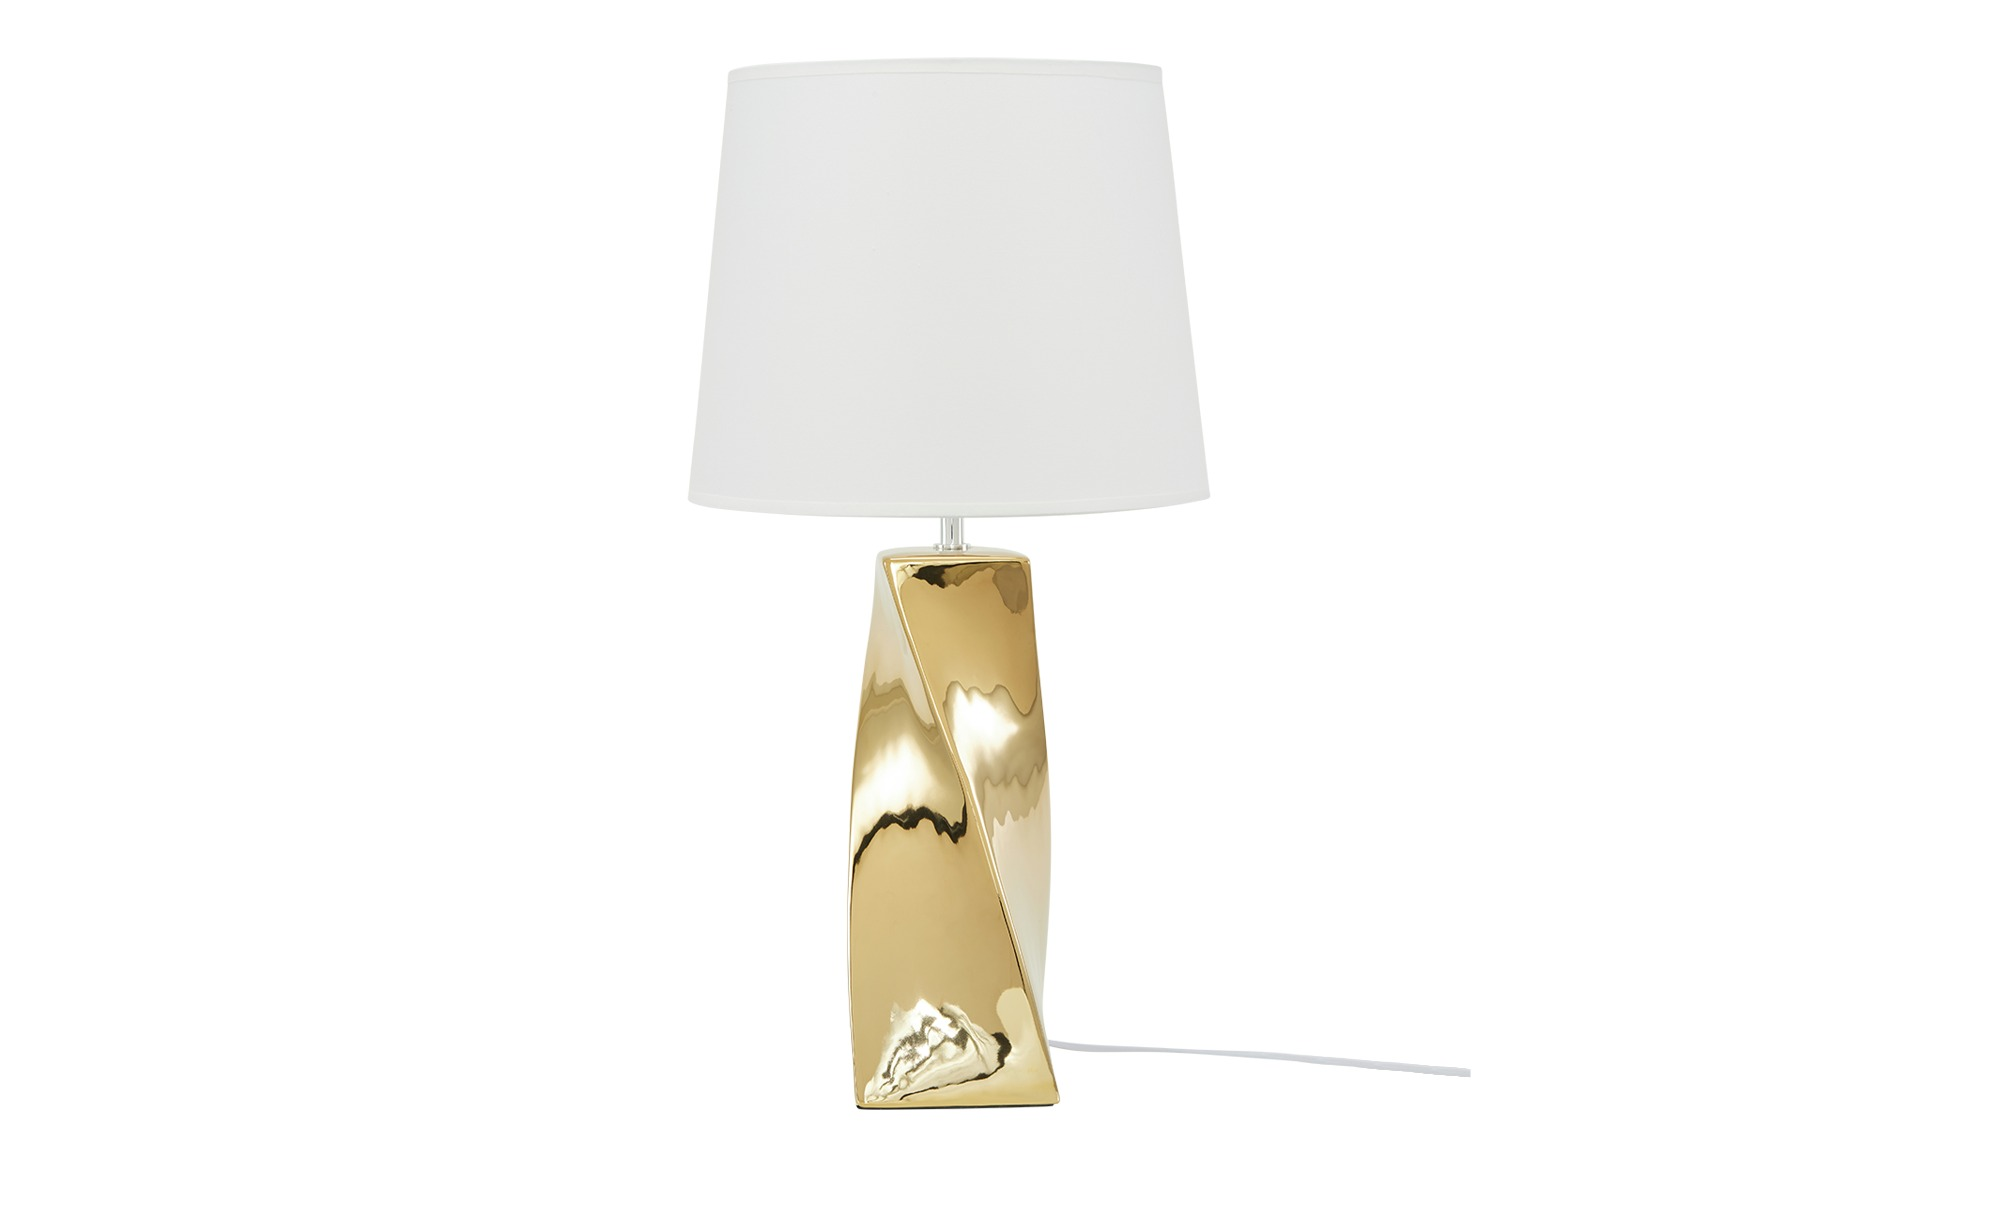 Keramik-Tischleuchte, 1-flammig, goldfarben groß ¦ gold ¦ Maße (cm): H: 68 Ø: 34 Lampen & Leuchten > Innenleuchten > Tischlampen - Höffner